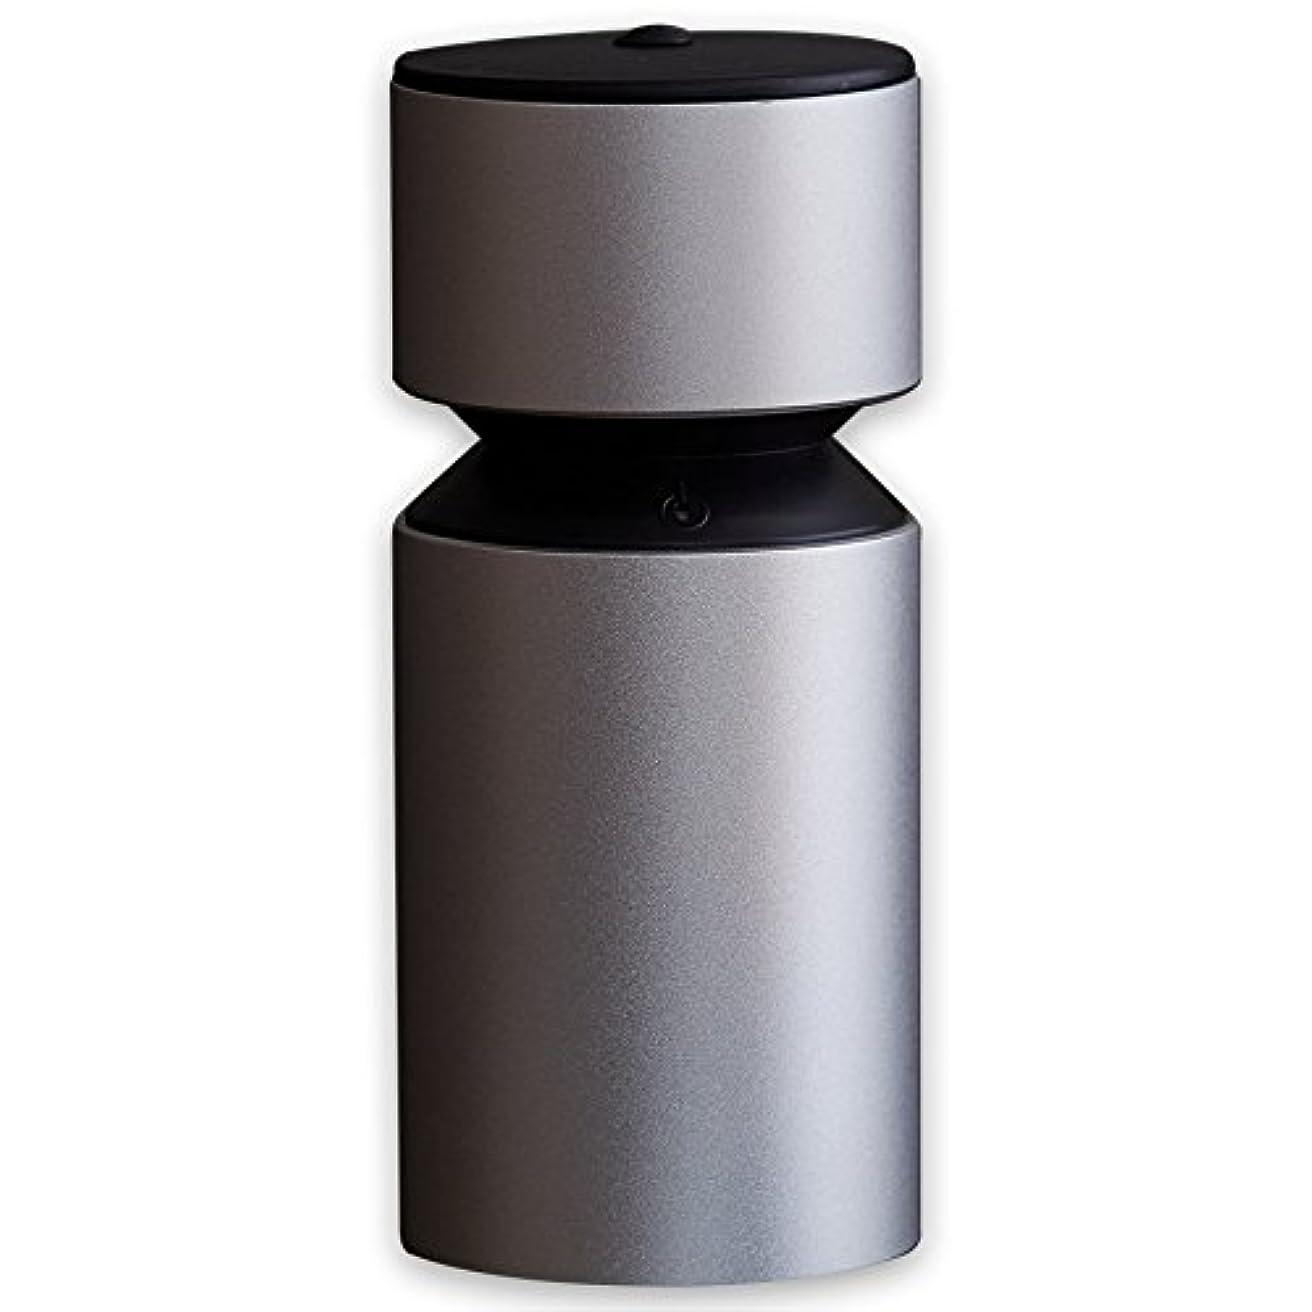 感染するスカーフパステルアロマディフューザー UR-AROMA03 卓上 小型 加湿器 Uruon(ウルオン) オーガニックアロマオイル対応 天然アロマオイル AROMA ポータブル usb コンパクト 充電式 タンブラー 2way アロマドロップ方式